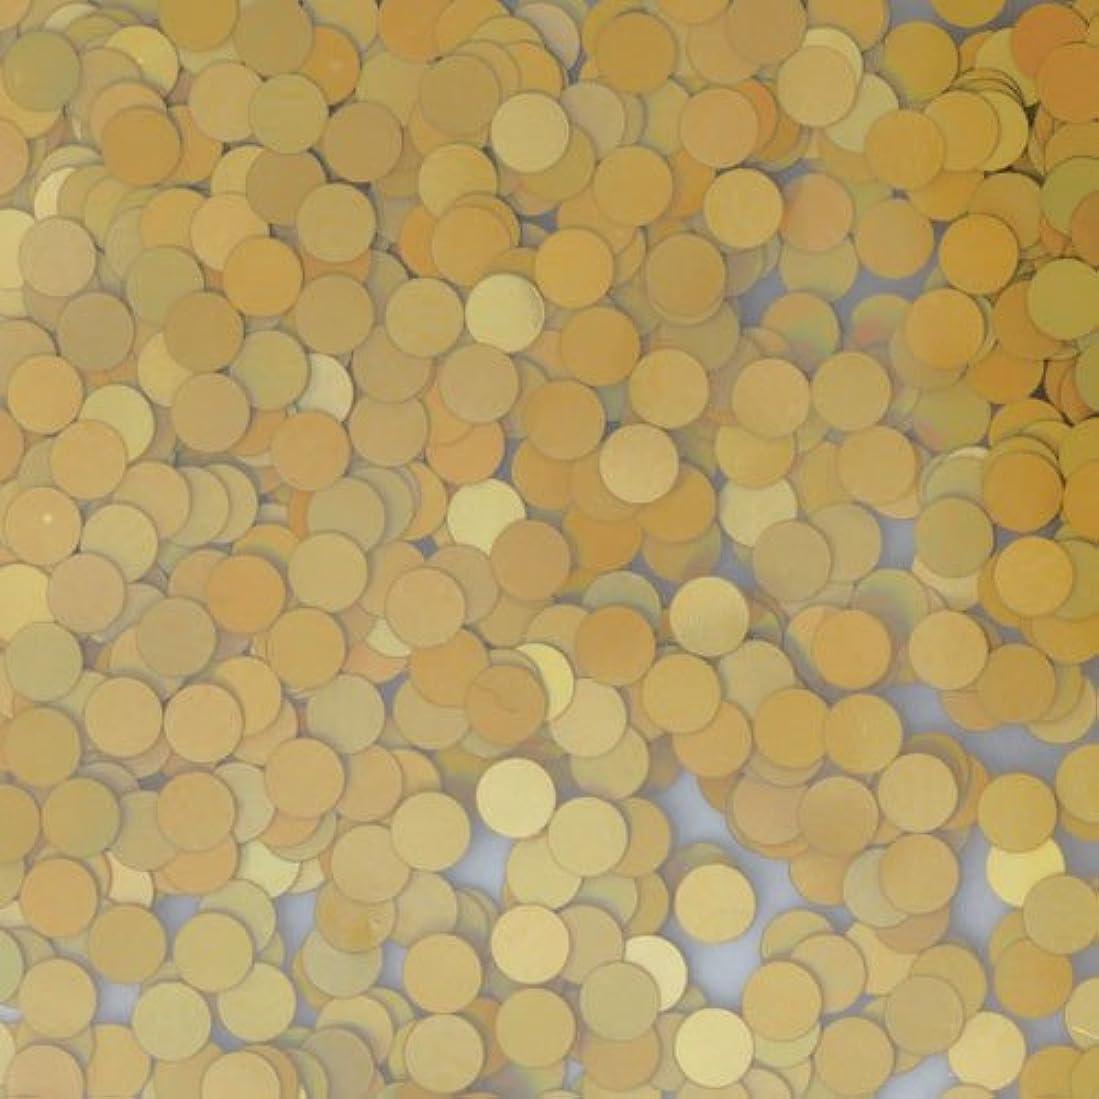 水差しパトワ段階ピカエース ネイル用パウダー 丸ホロ 2mm #879 マットゴールド 0.5g